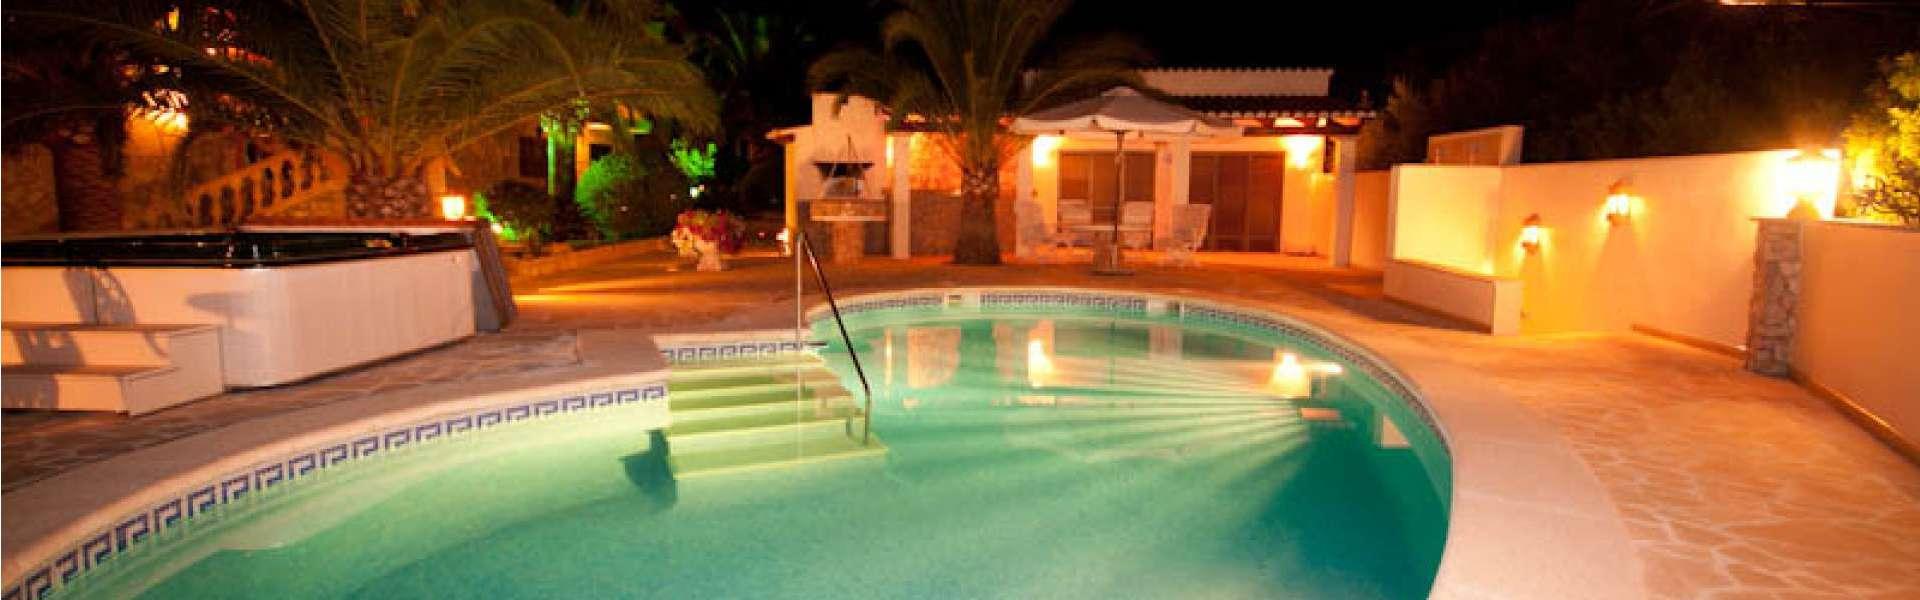 Cala Murada - Villa in ruhiger Lage zum Kauf